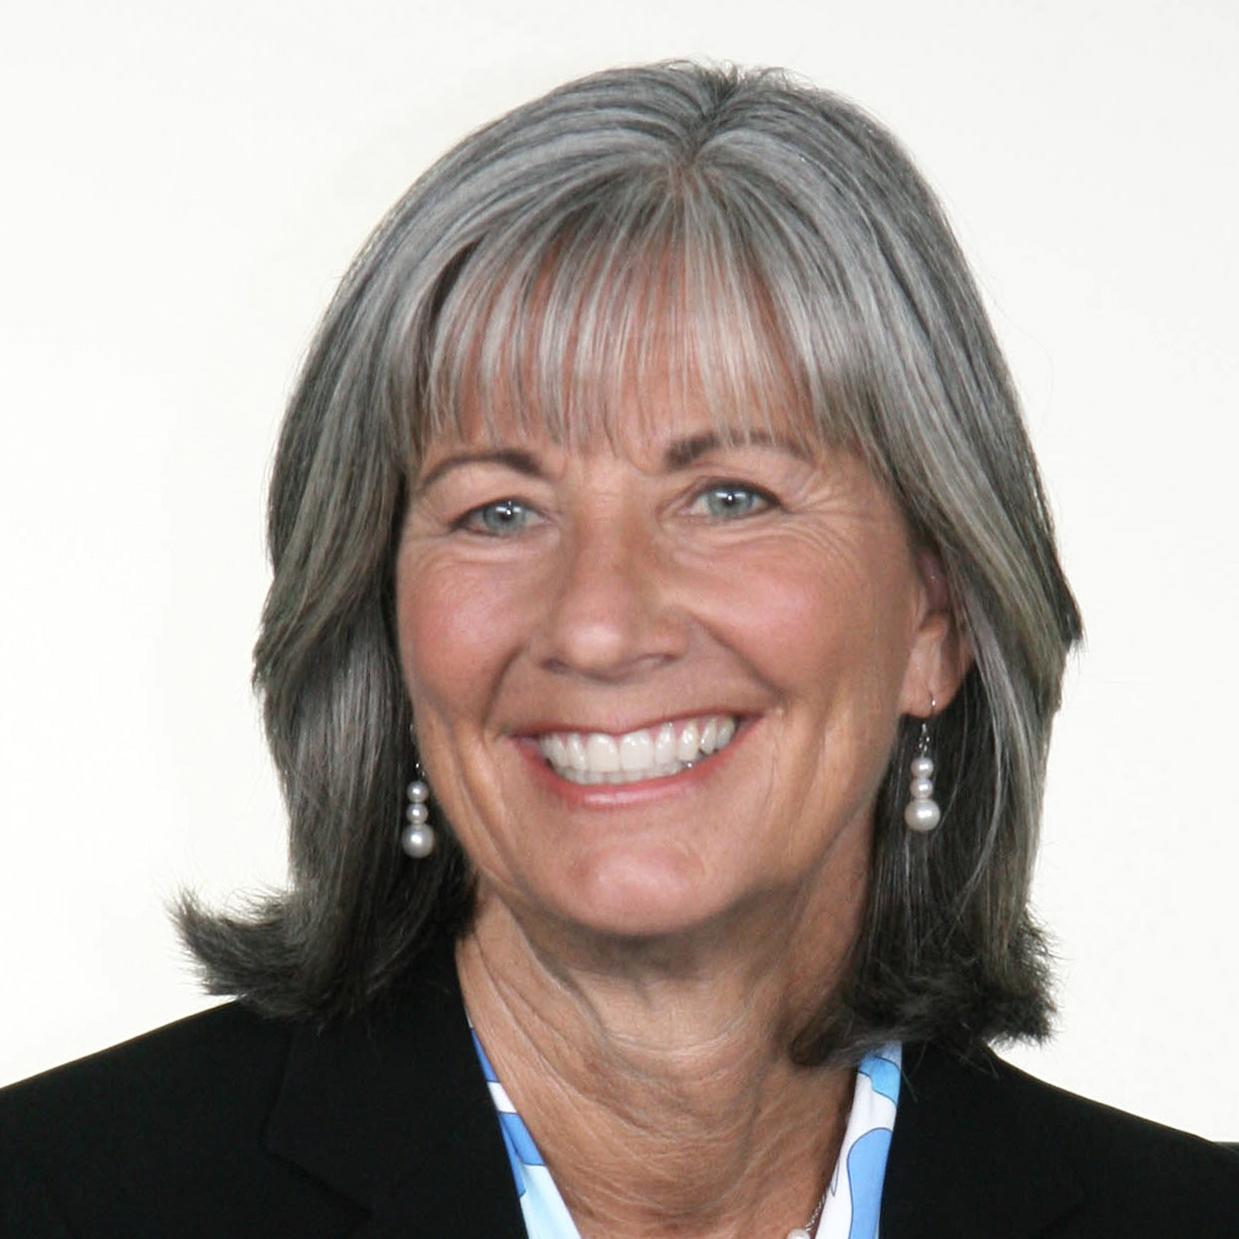 Hon. Susan Garrett